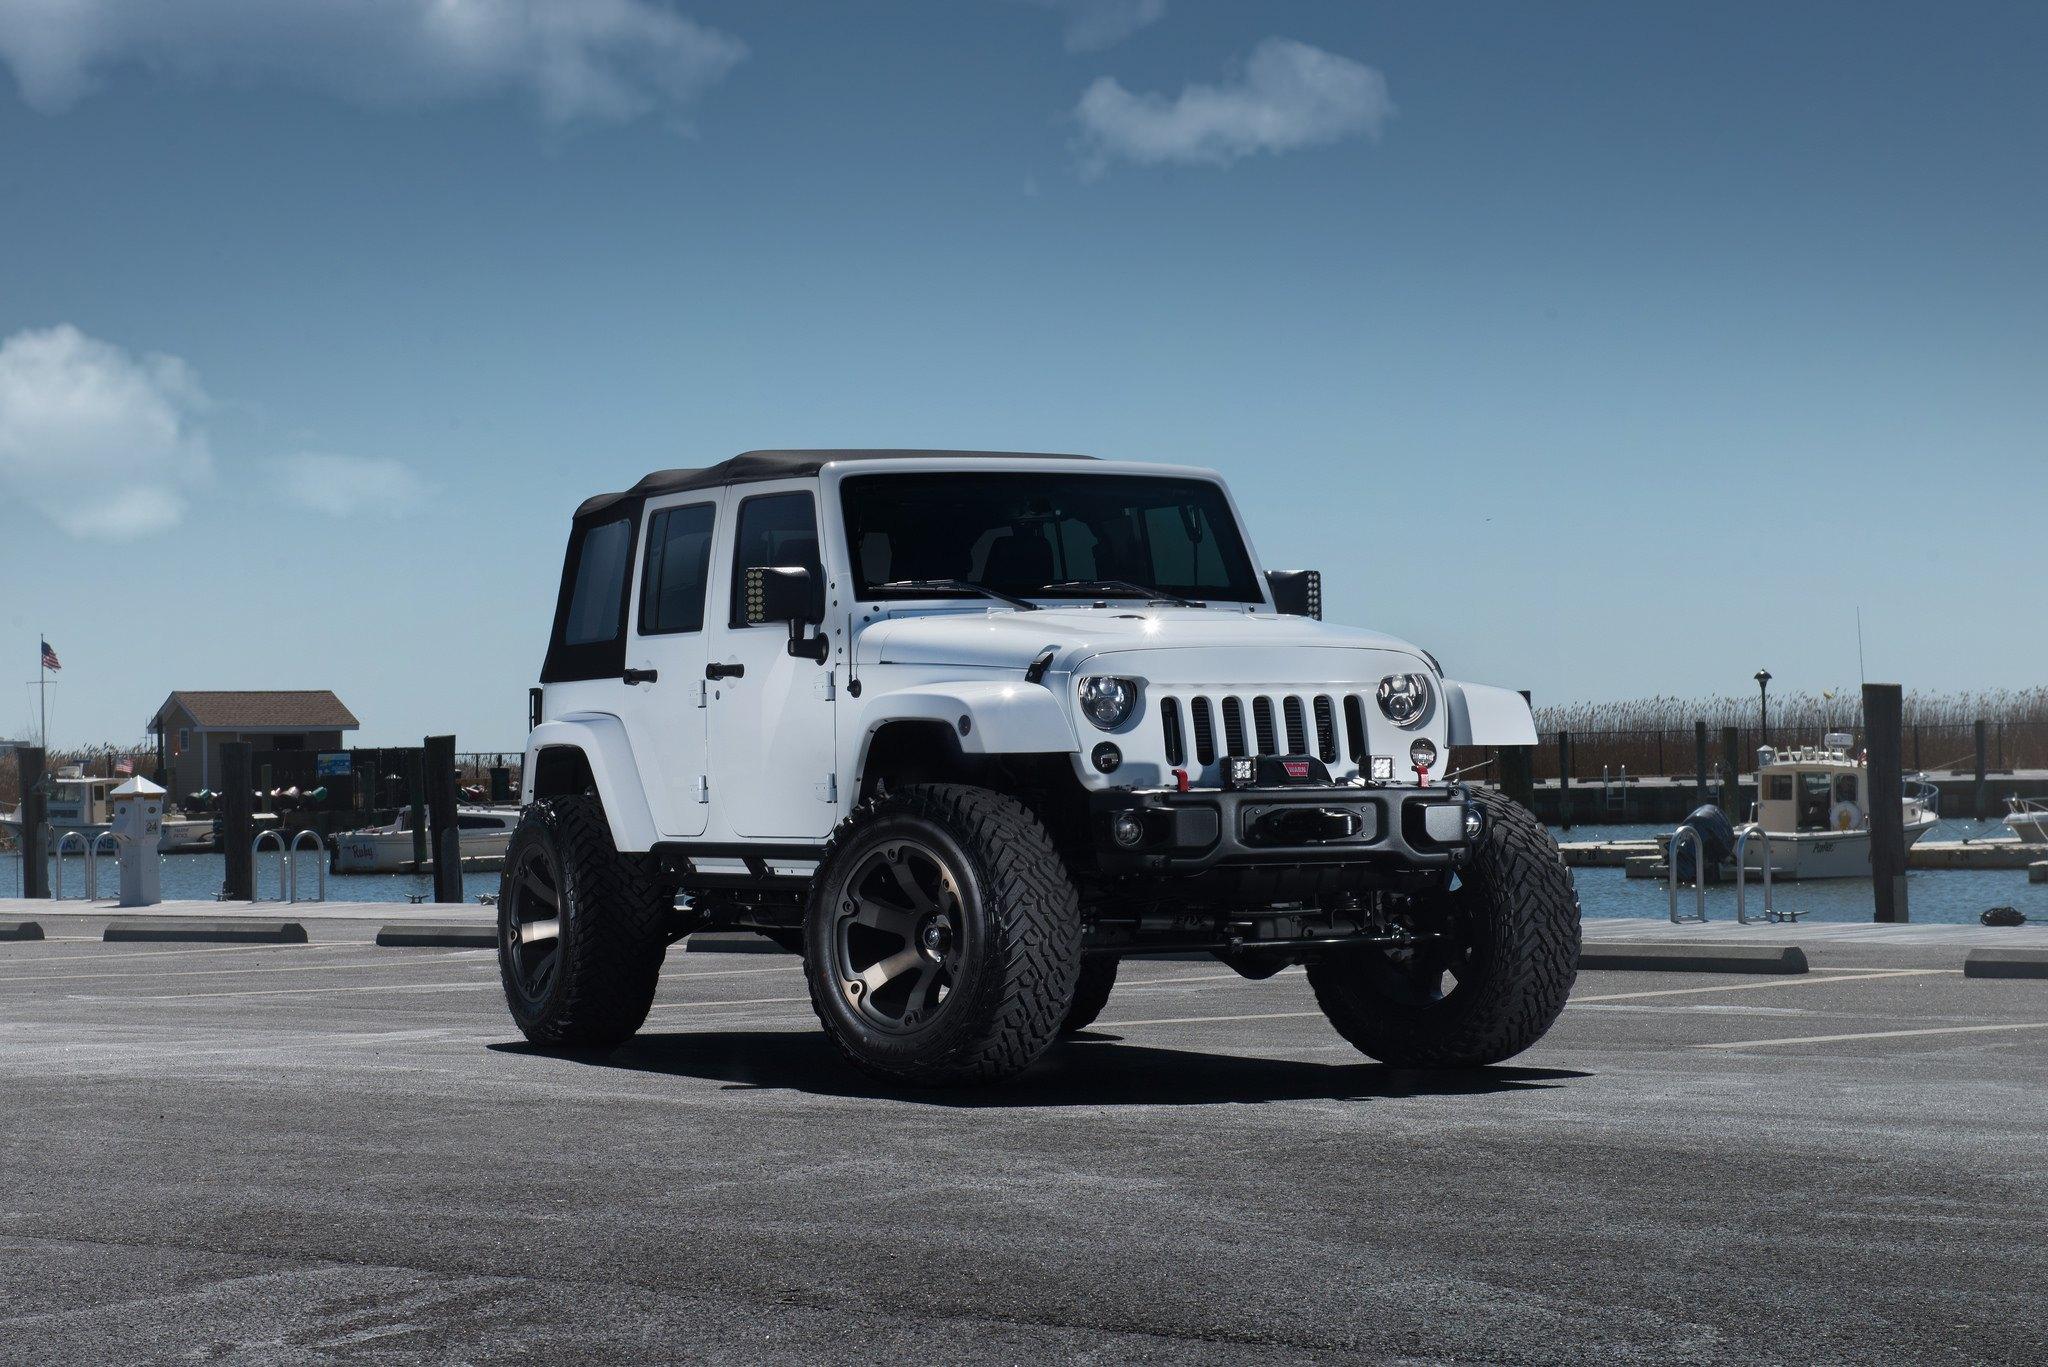 Jeep Jk Mods >> Super Clean Lifted Wrangler Jk Unlimited With Subtle Mods